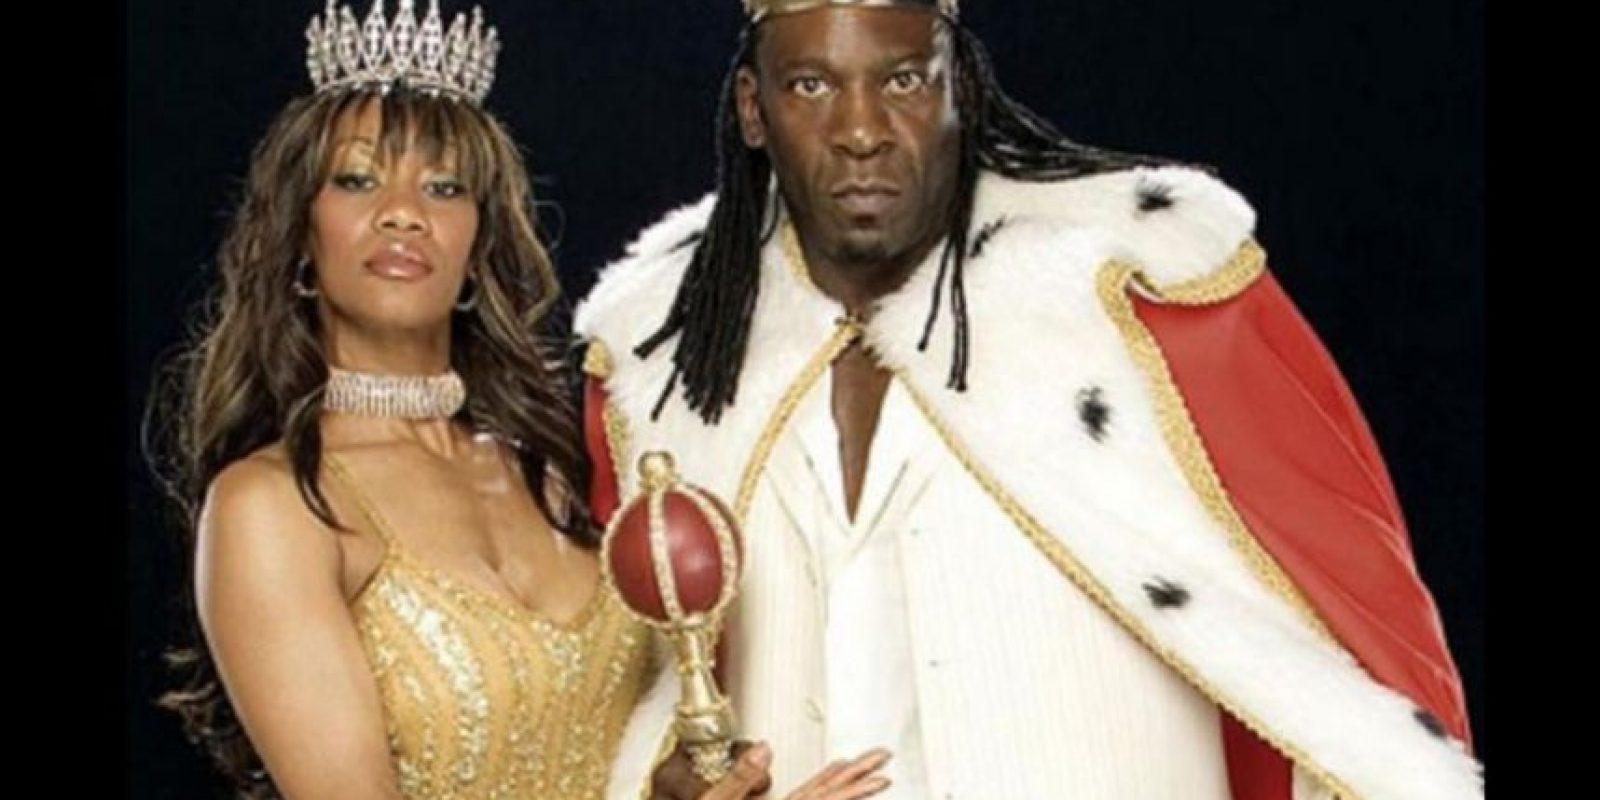 Booker T y Sharmell se casaron en 2005 Foto:WWE